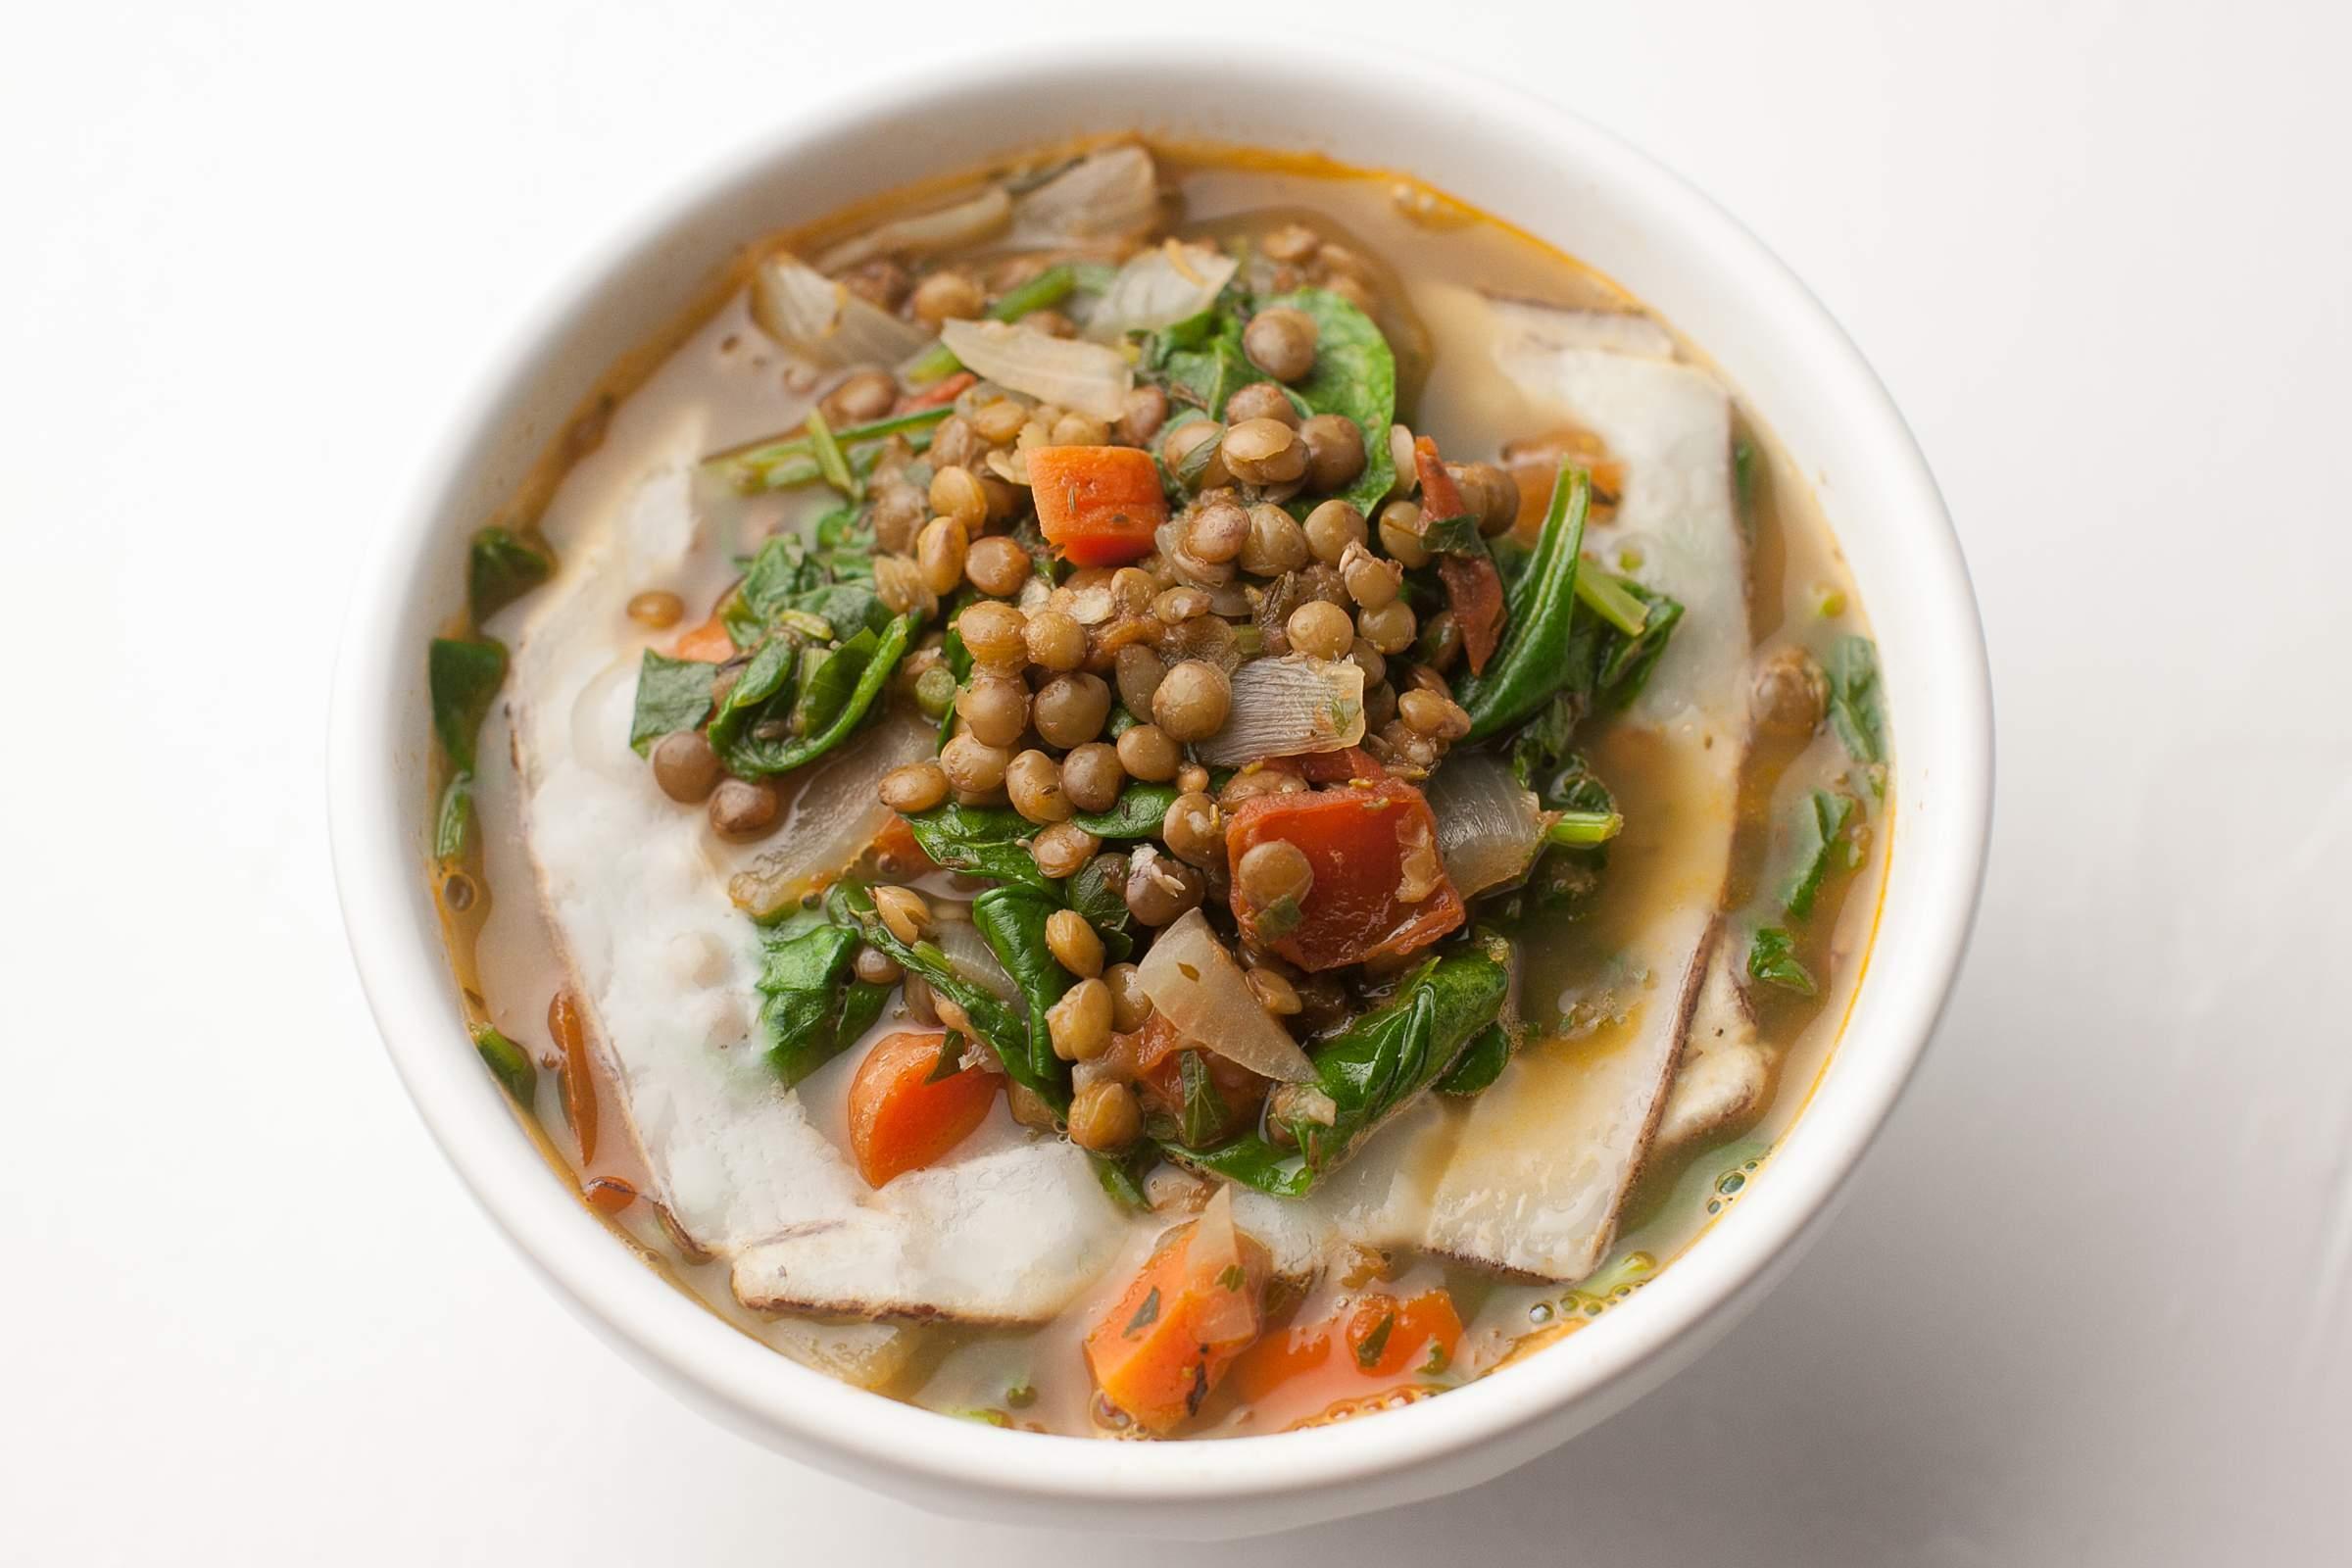 lentil veggie soup river cottage veg food photographer tomschmidtphoto - 29